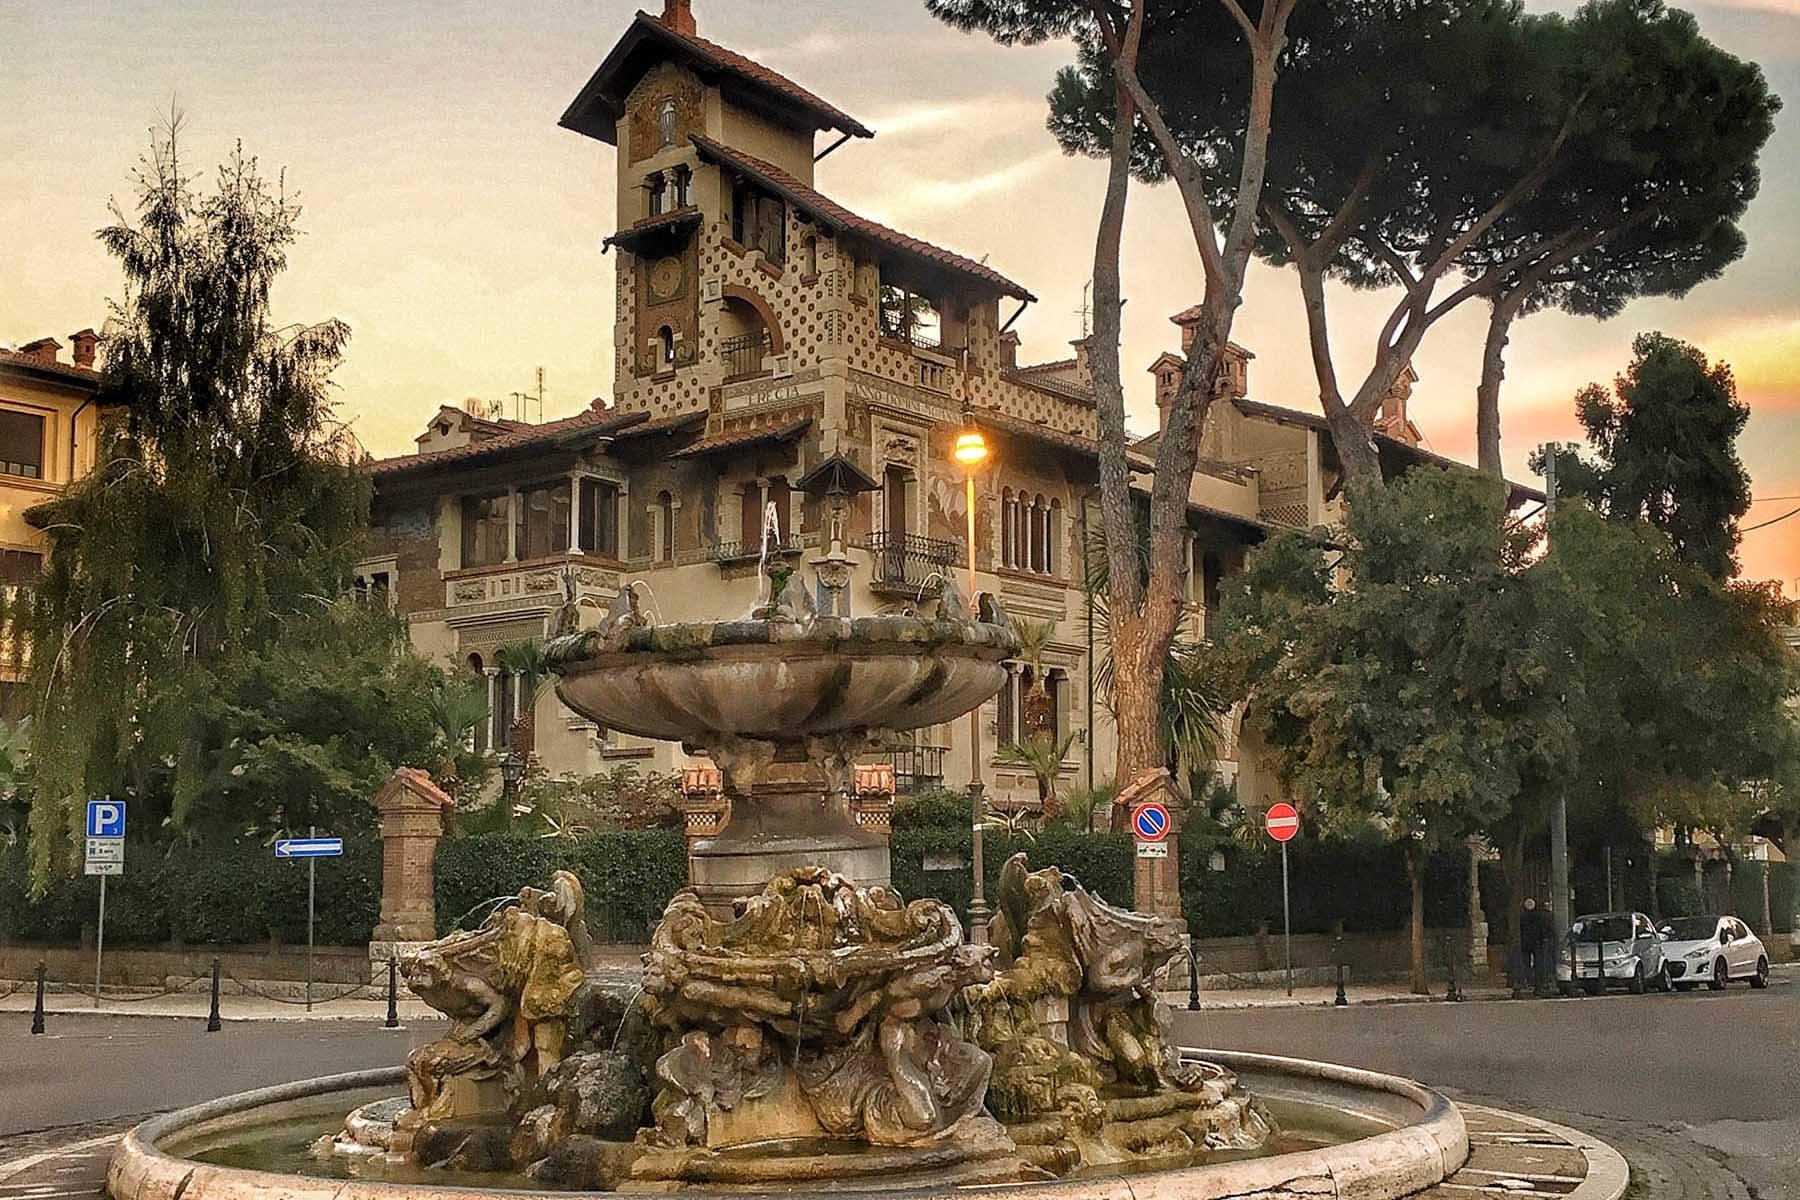 Eventi a Roma. Architetture simboliche dal Quartiere Coppedè a Villa Torlonia (dal vivo)